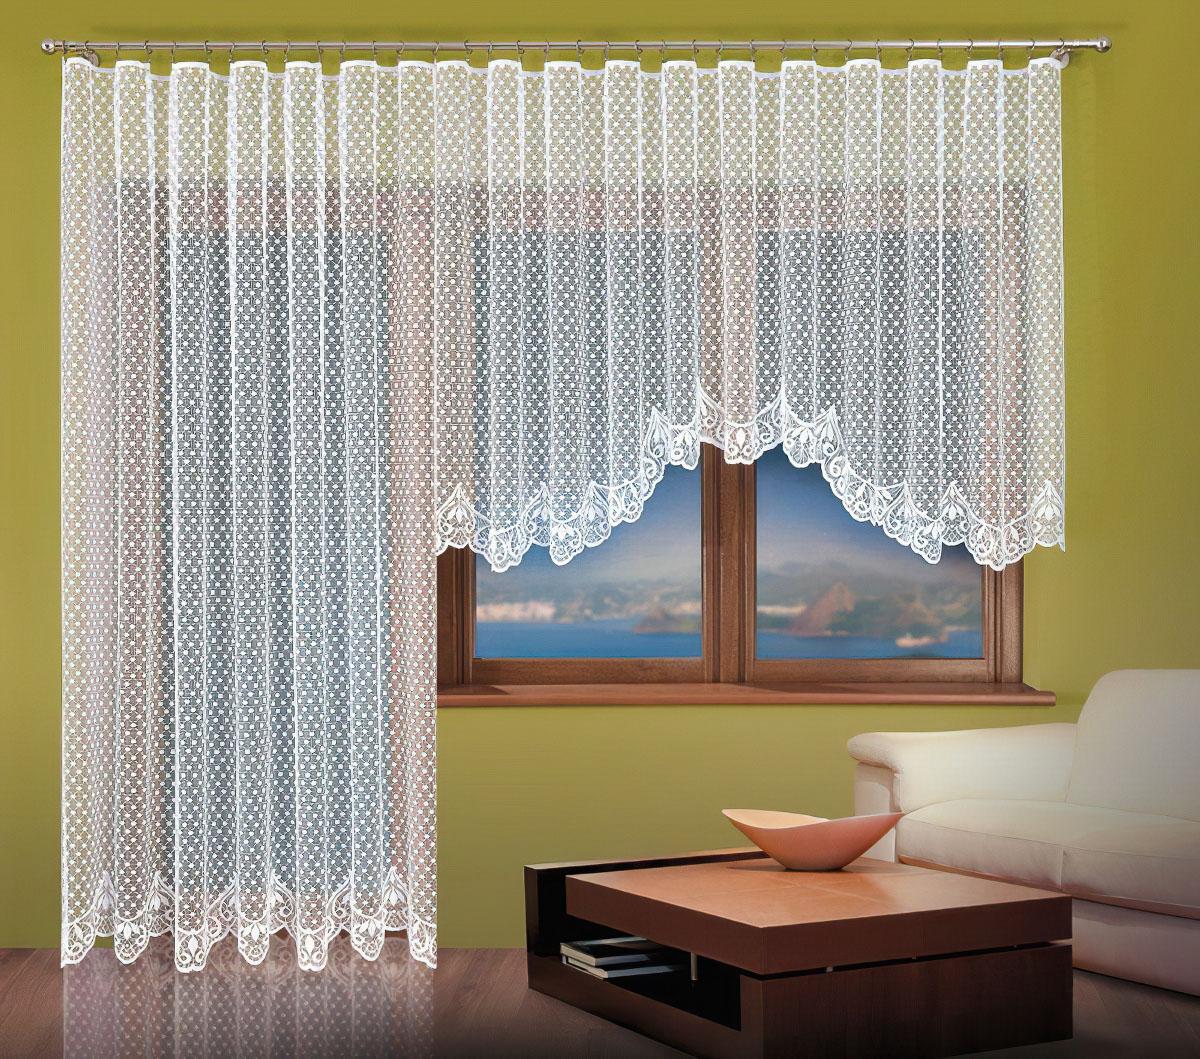 Forbyt kusová záclona SANDRA jednobarevná bílá, výška 160 cm x šířka 400 cm (na okno)